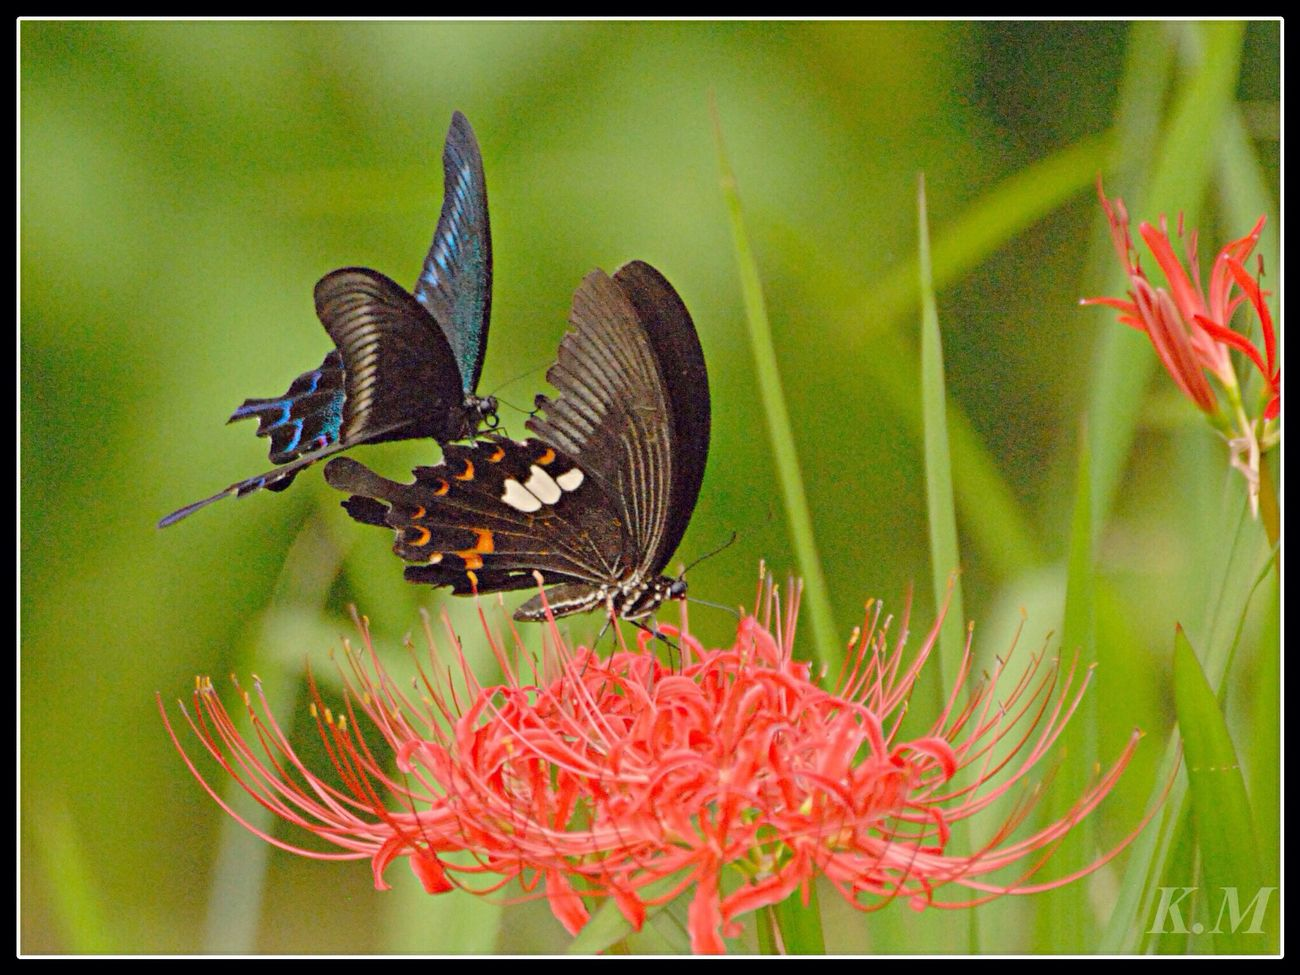 懲りもせず アゲハ蝶 Tadaa Community Butterfly Eye Em Around The World 勝蝶 蝶